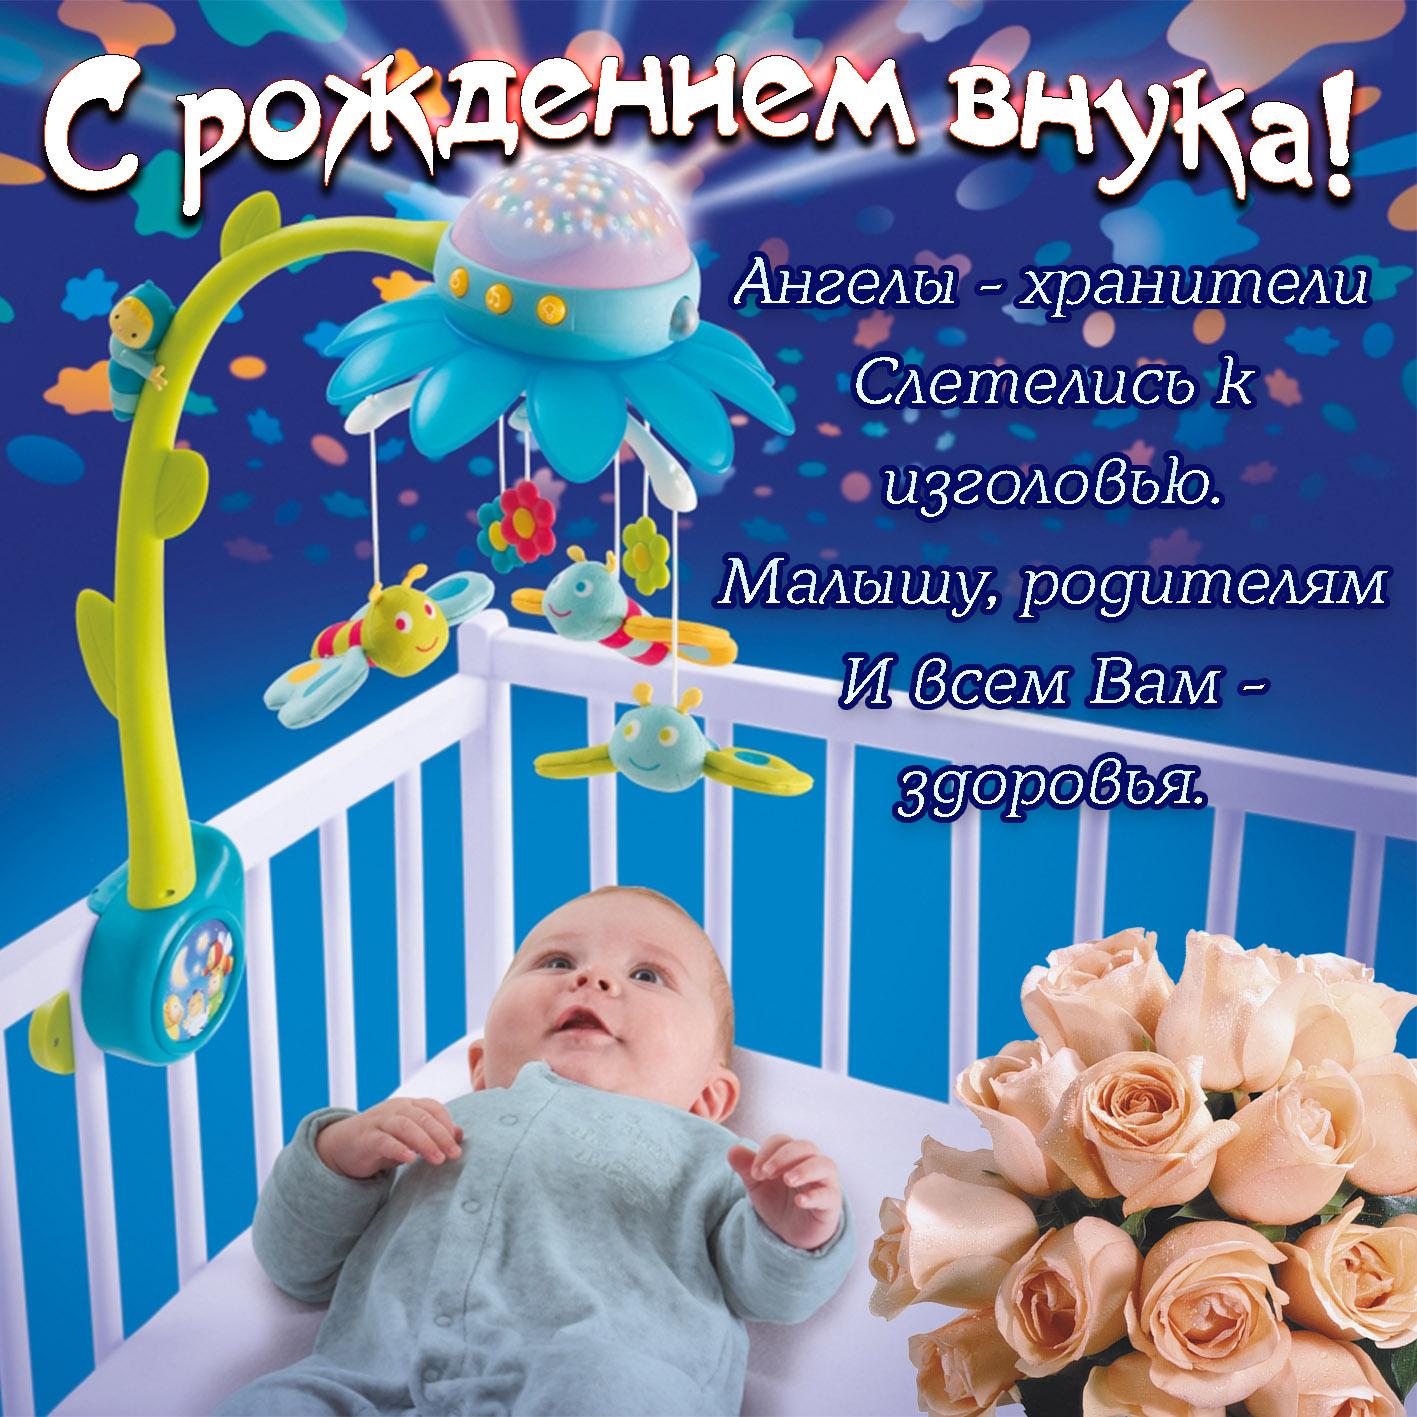 Дедушку с рождением внука открытка, счастья картинки